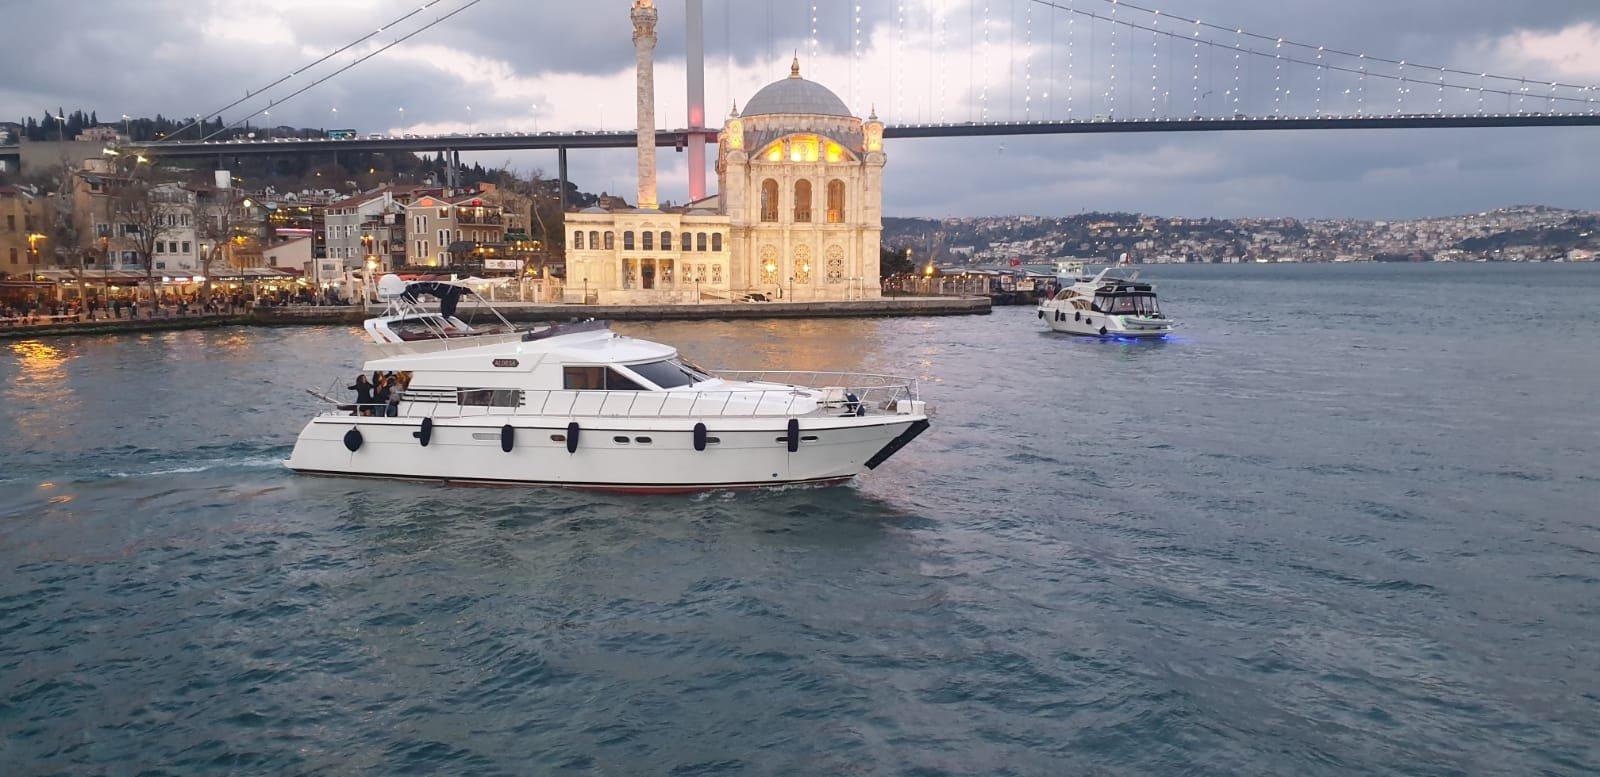 Летний тур на яхте. Прогулка по Босфору или вокруг Принцевых островов